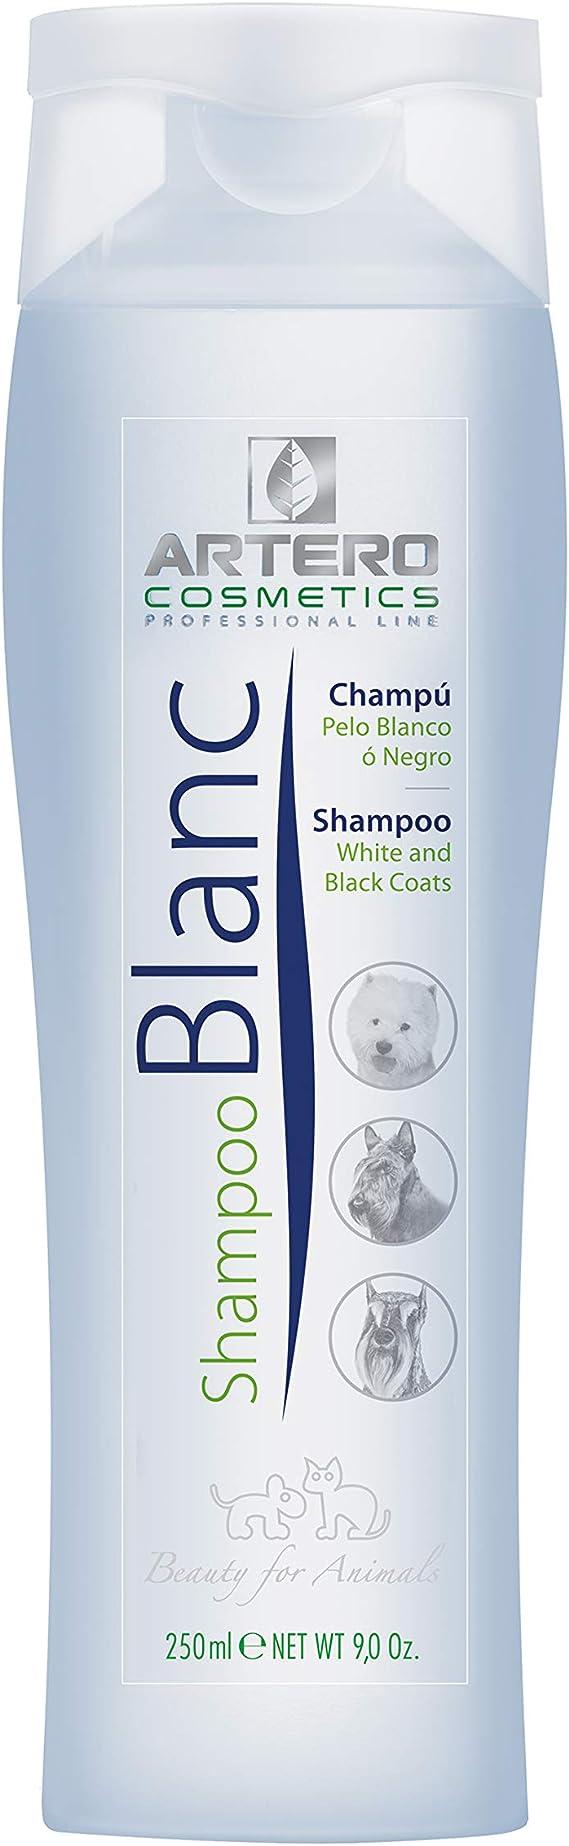 Artero Blanc, Champú para Perros de Pelo Blanco o Negro. (250 ...